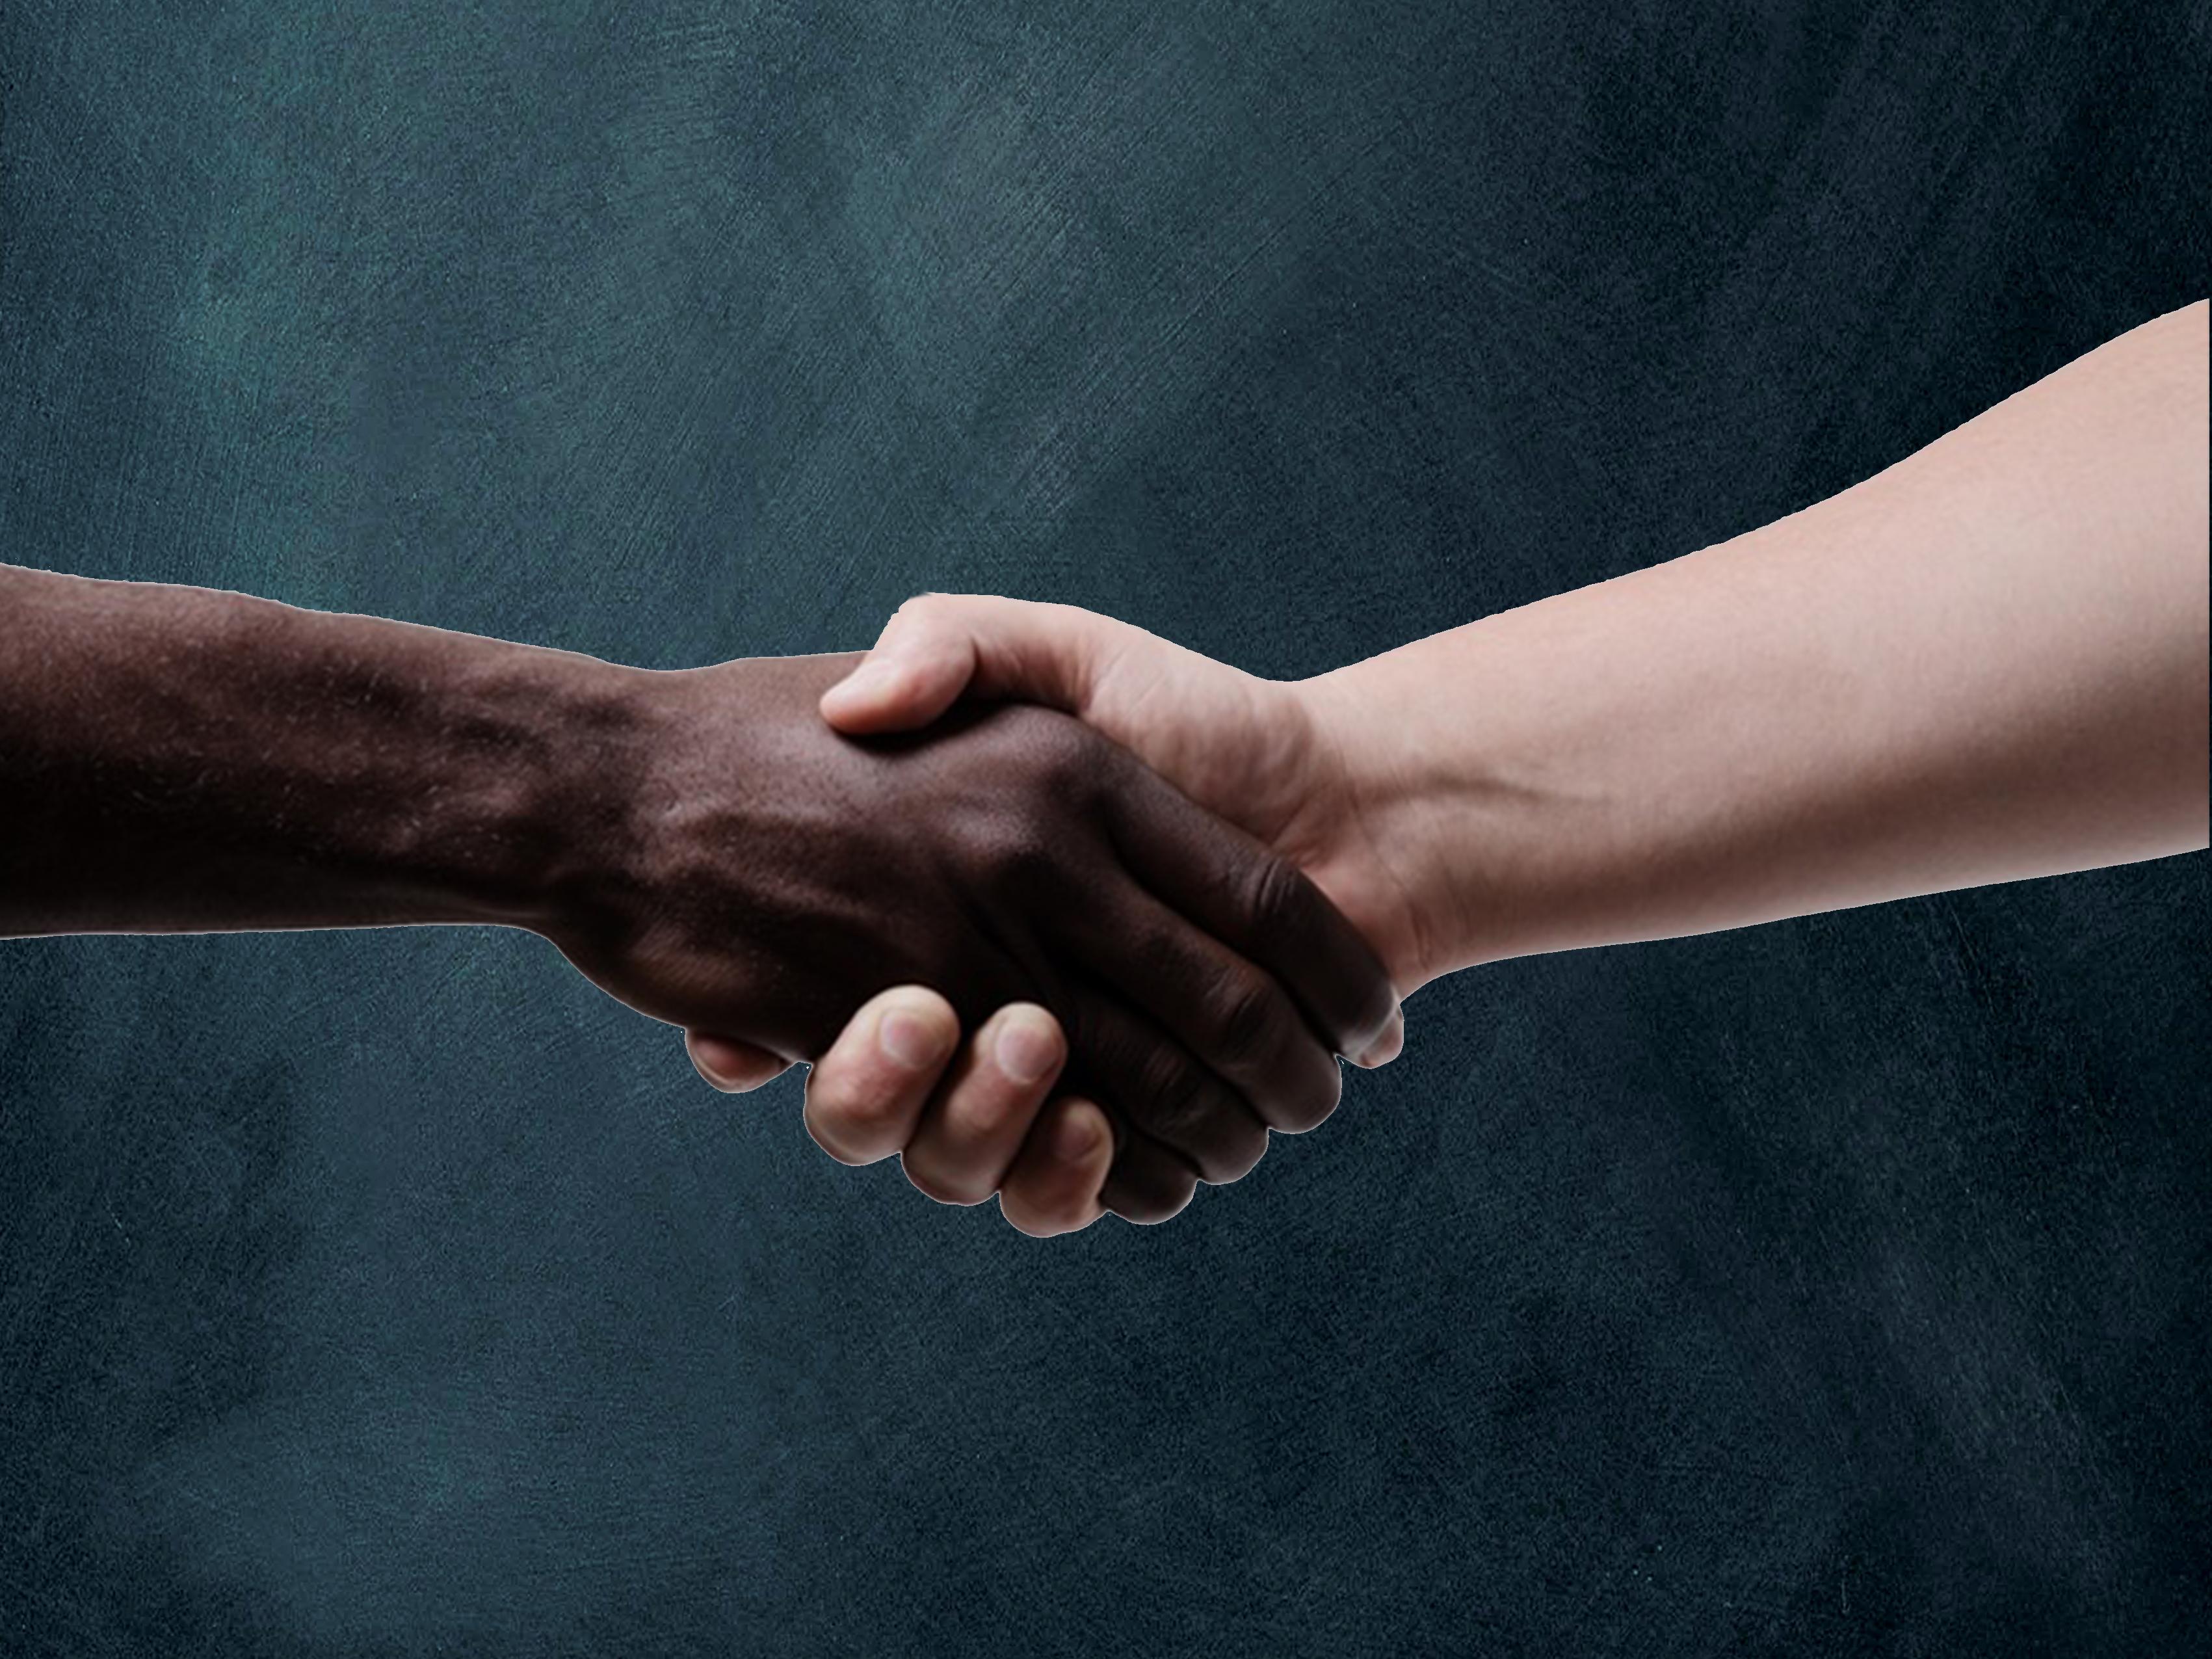 Freunde - Spenden für Uganda